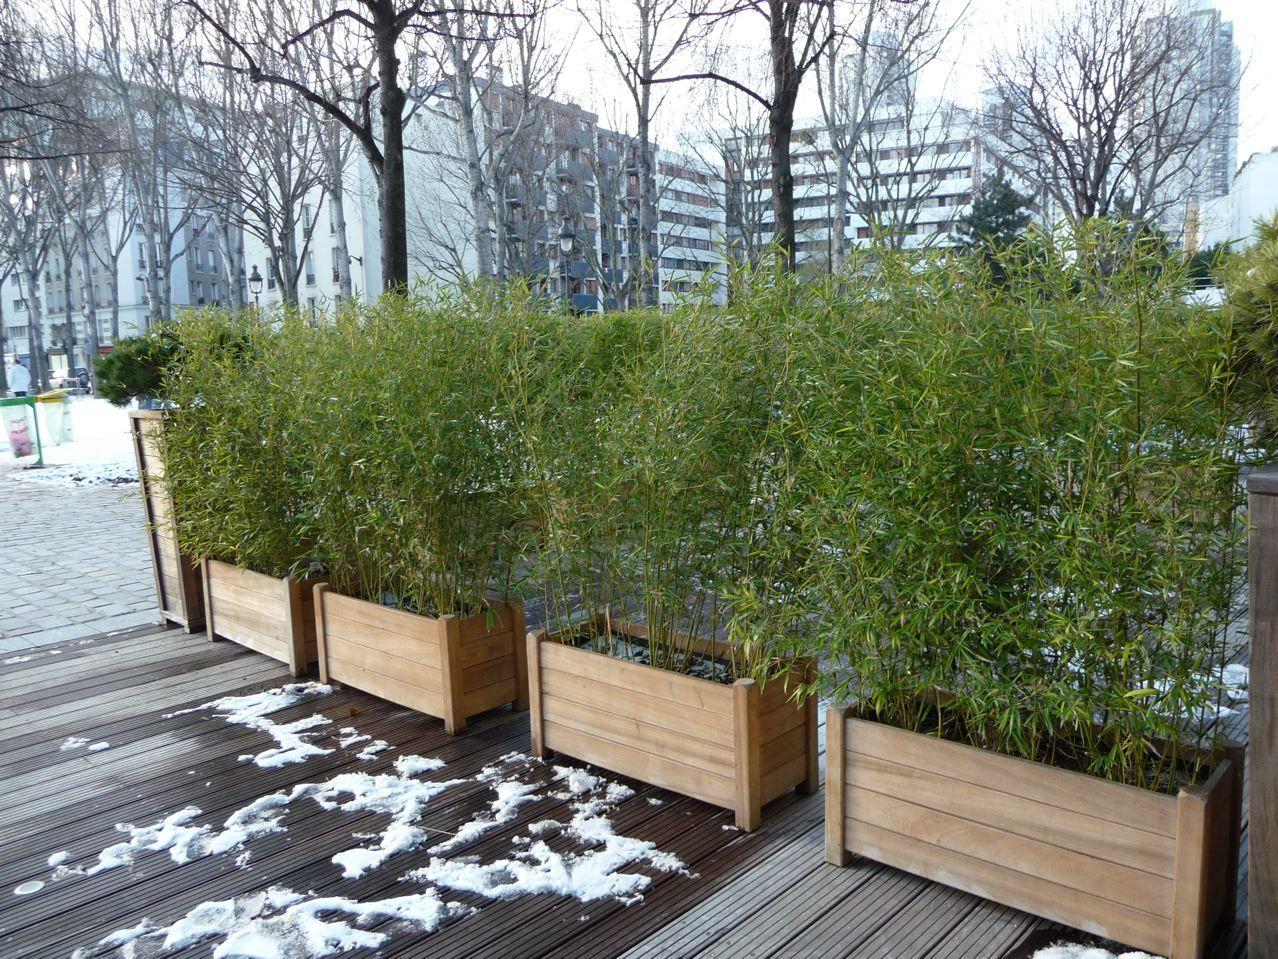 100 Génial Concepts Bac Jardiniere Pour Bambou